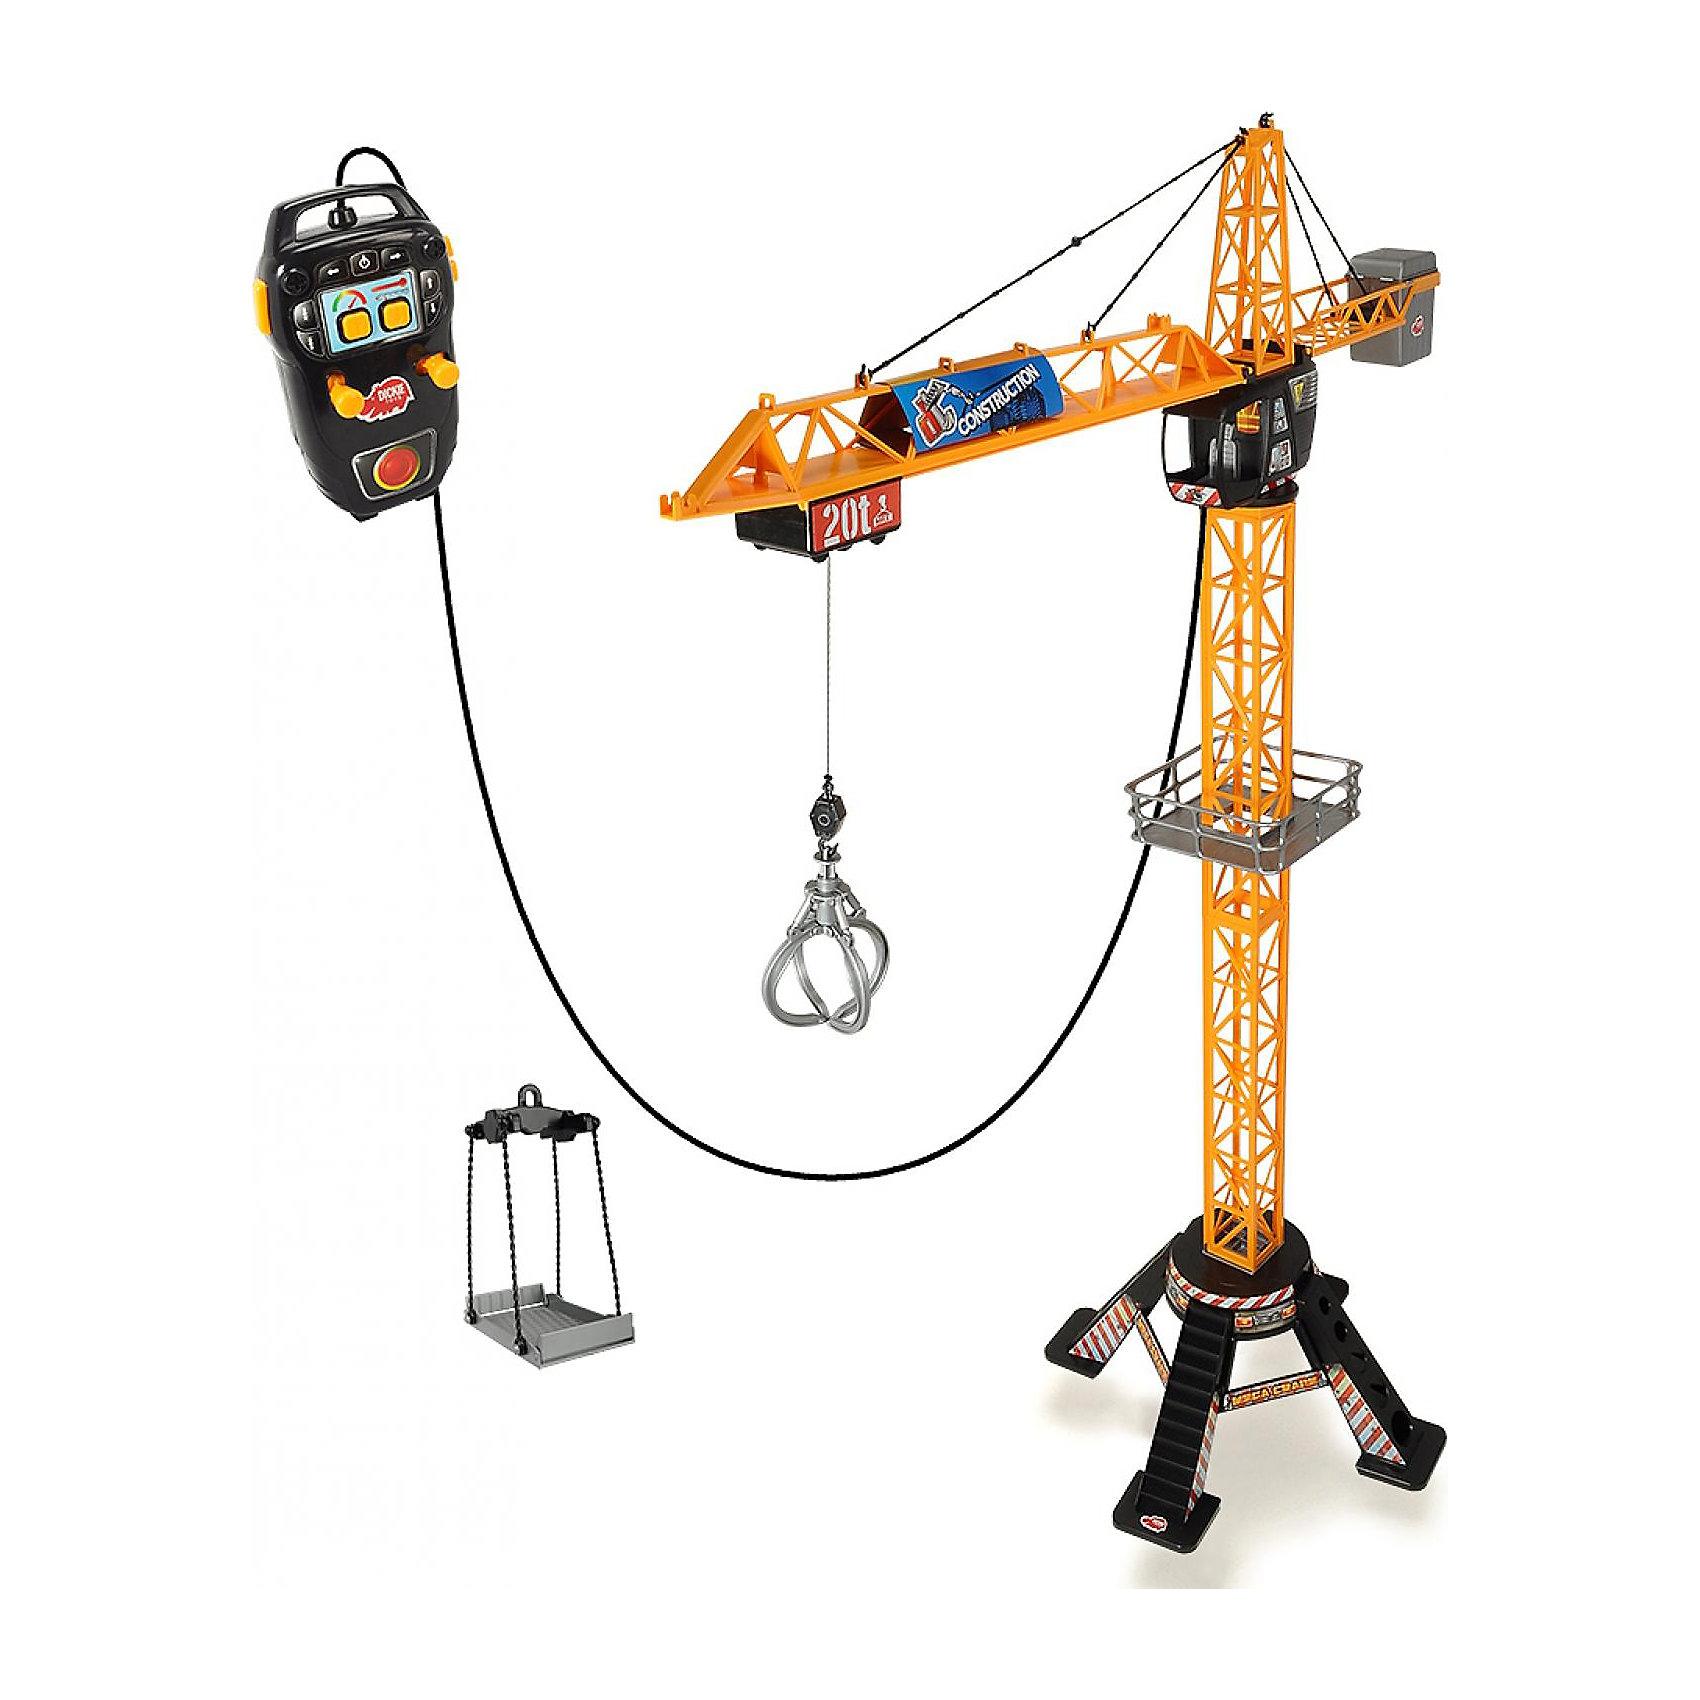 Кран на д/у, 120 см, Dickie ToysМашинки<br>Кран 120 см на пульте управления. Световые и звуковые эффекты. С помощью пульта управления можно поворачивать кран на 350 градусов, поднимать и опускать грузы, а также перемещать грузы вдоль стрелки. Кроме крюка в наборе идет клешня и платформа, для подня<br><br>Ширина мм: 700<br>Глубина мм: 500<br>Высота мм: 95<br>Вес г: 2045<br>Возраст от месяцев: 36<br>Возраст до месяцев: 84<br>Пол: Мужской<br>Возраст: Детский<br>SKU: 3168435